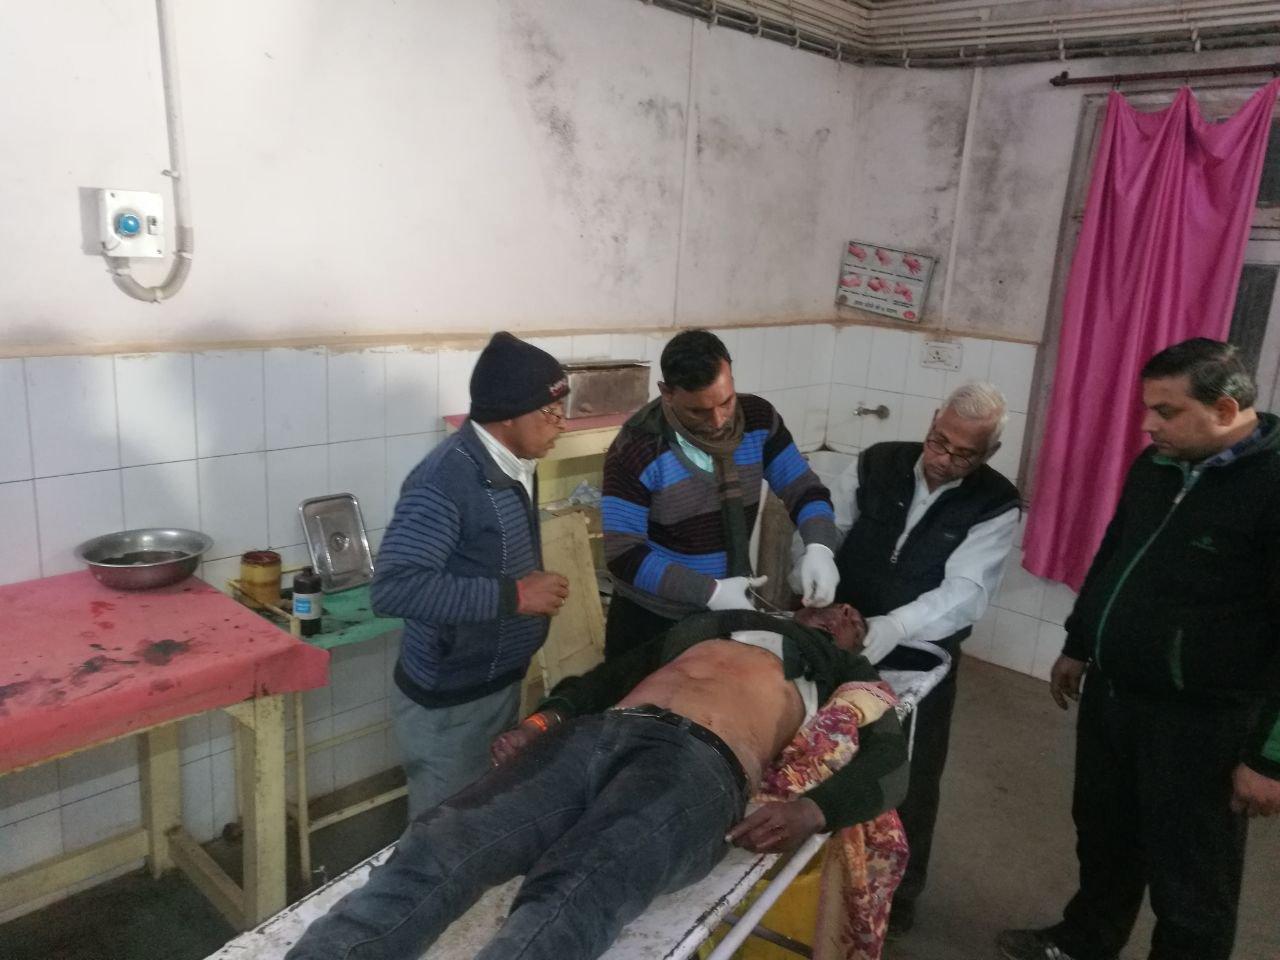 तड़प-तड़पकर घायल ने तोड़ा दम, देर से डॉक्टर व एंबुलेंस पहुंचे